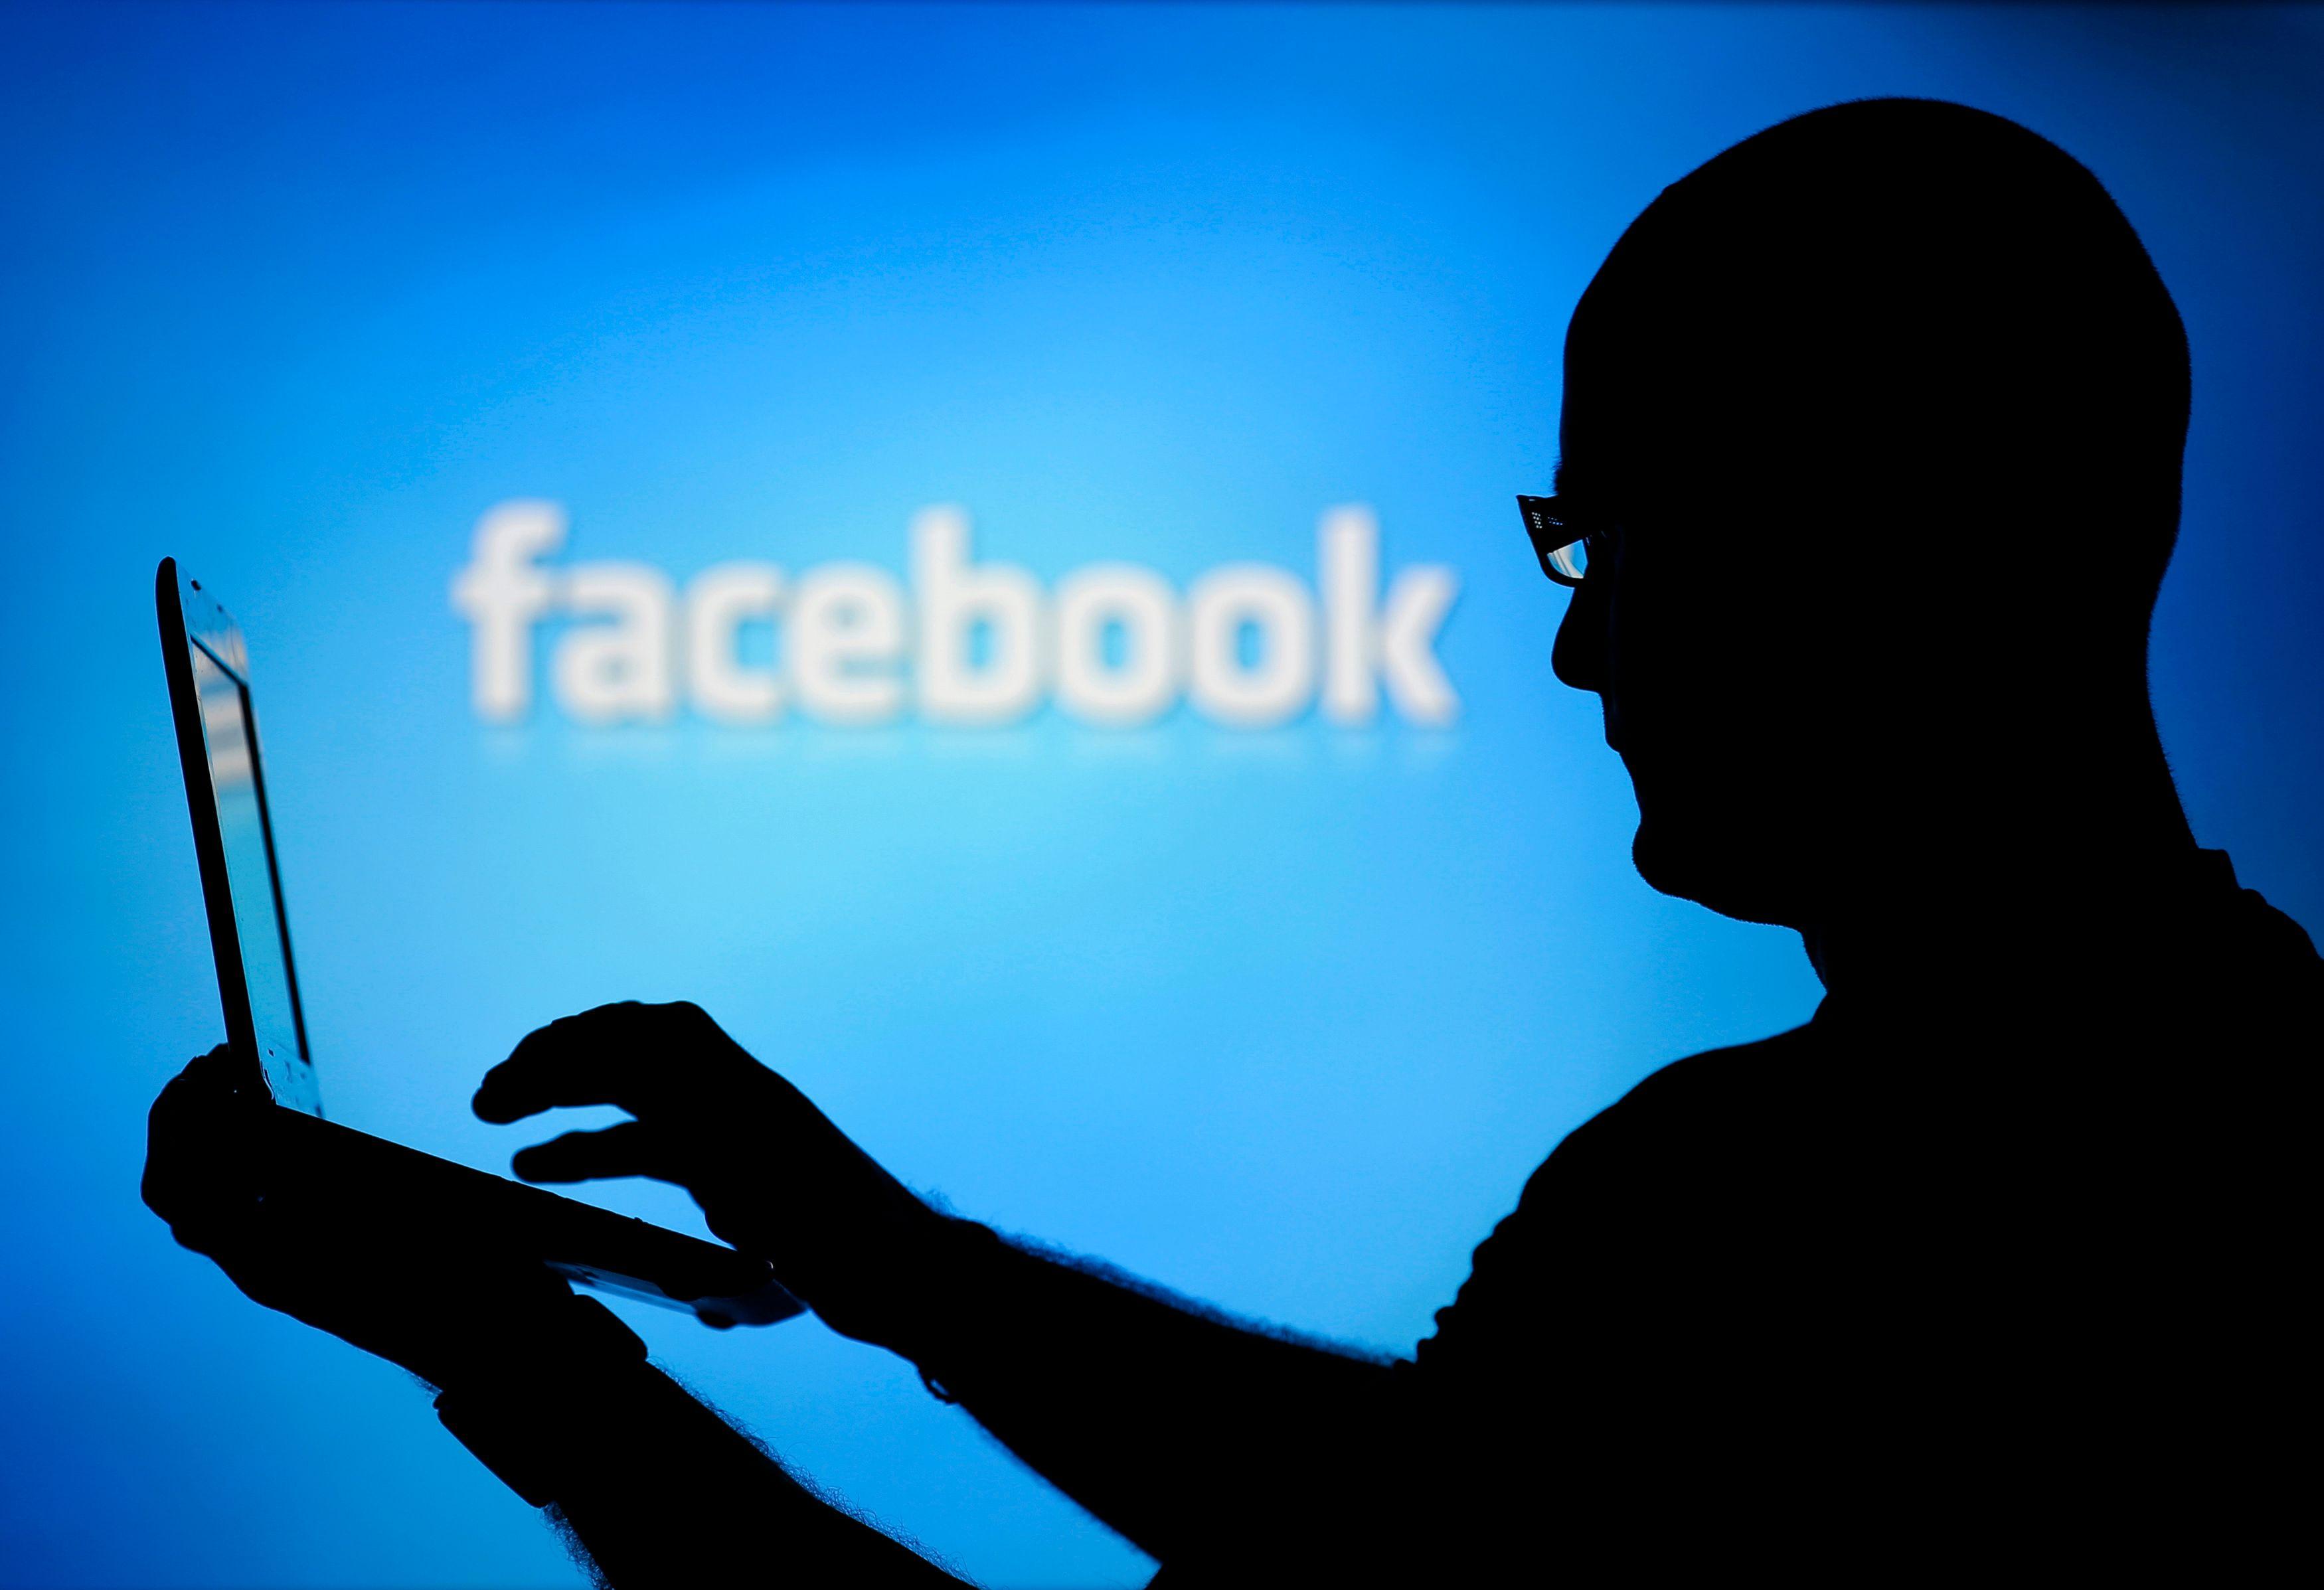 Facebook : un outil calcule le temps passé sur le réseau social